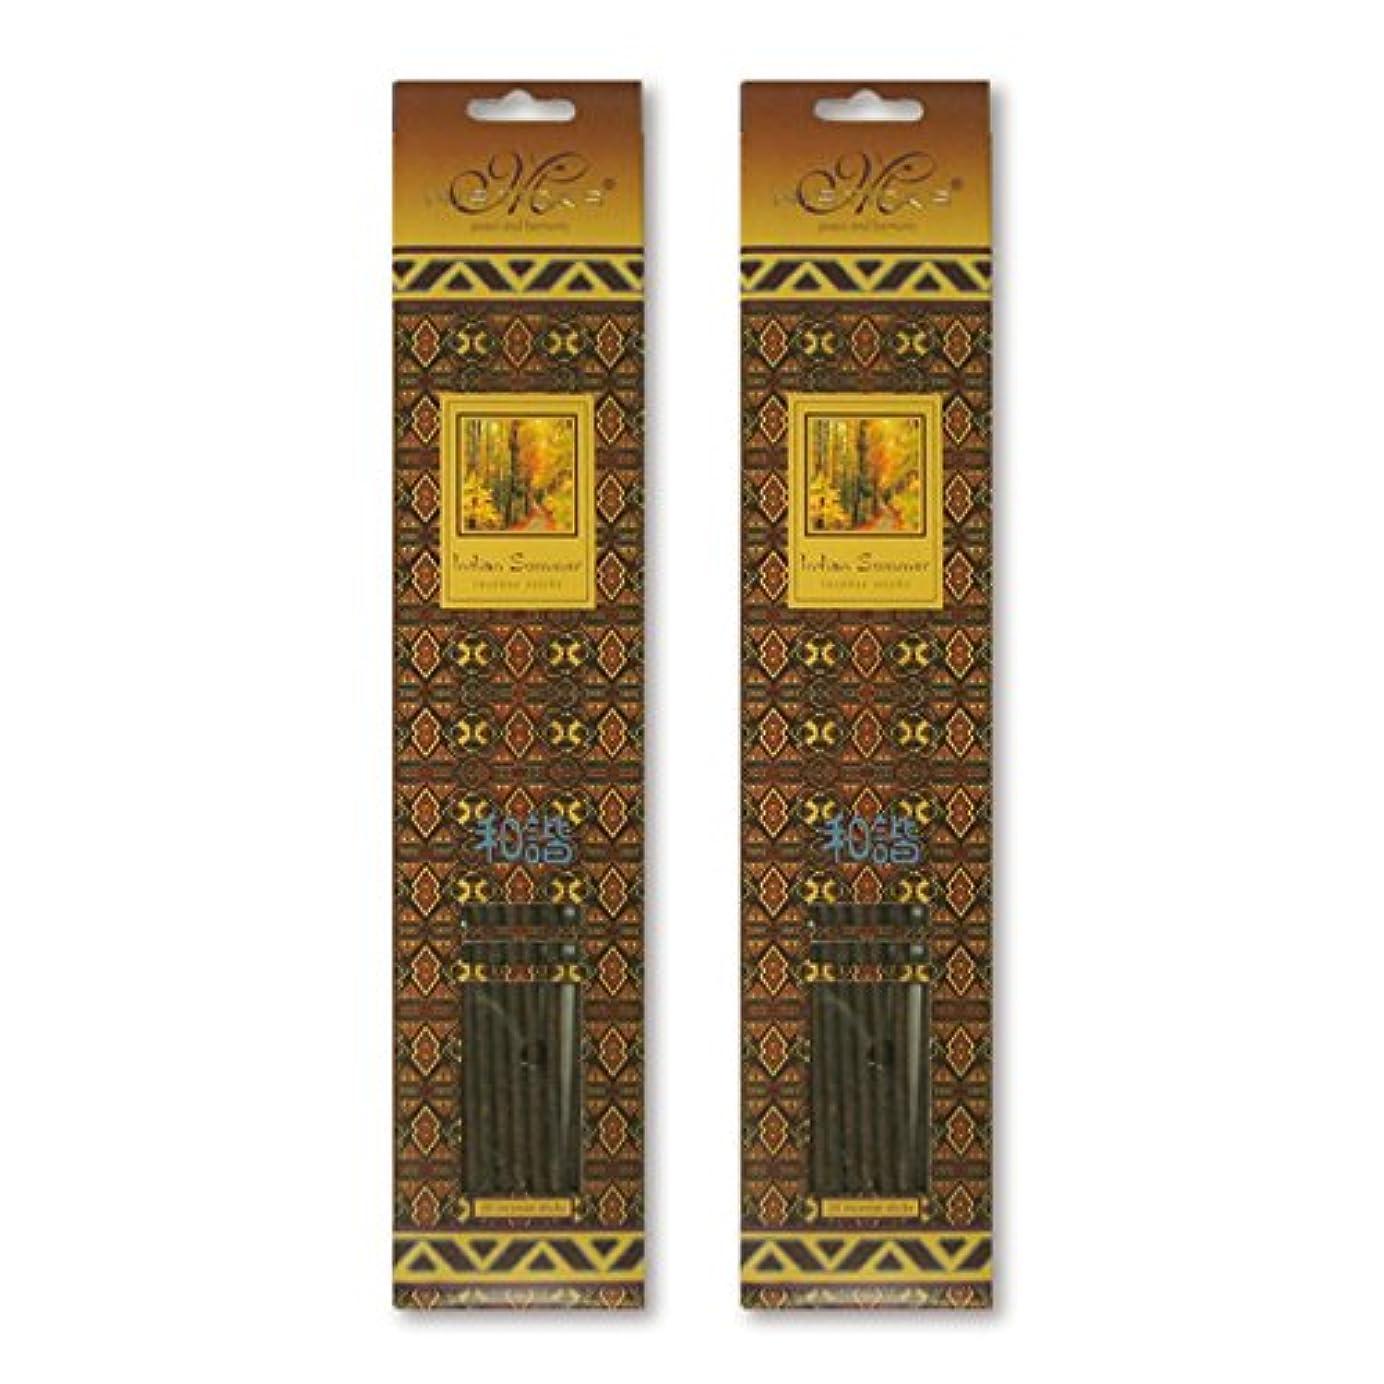 化石剥ぎ取るバリケードMISTICKS ミスティックス Indian Summer インディアンサマー お香 20本 X 2パック (40本)